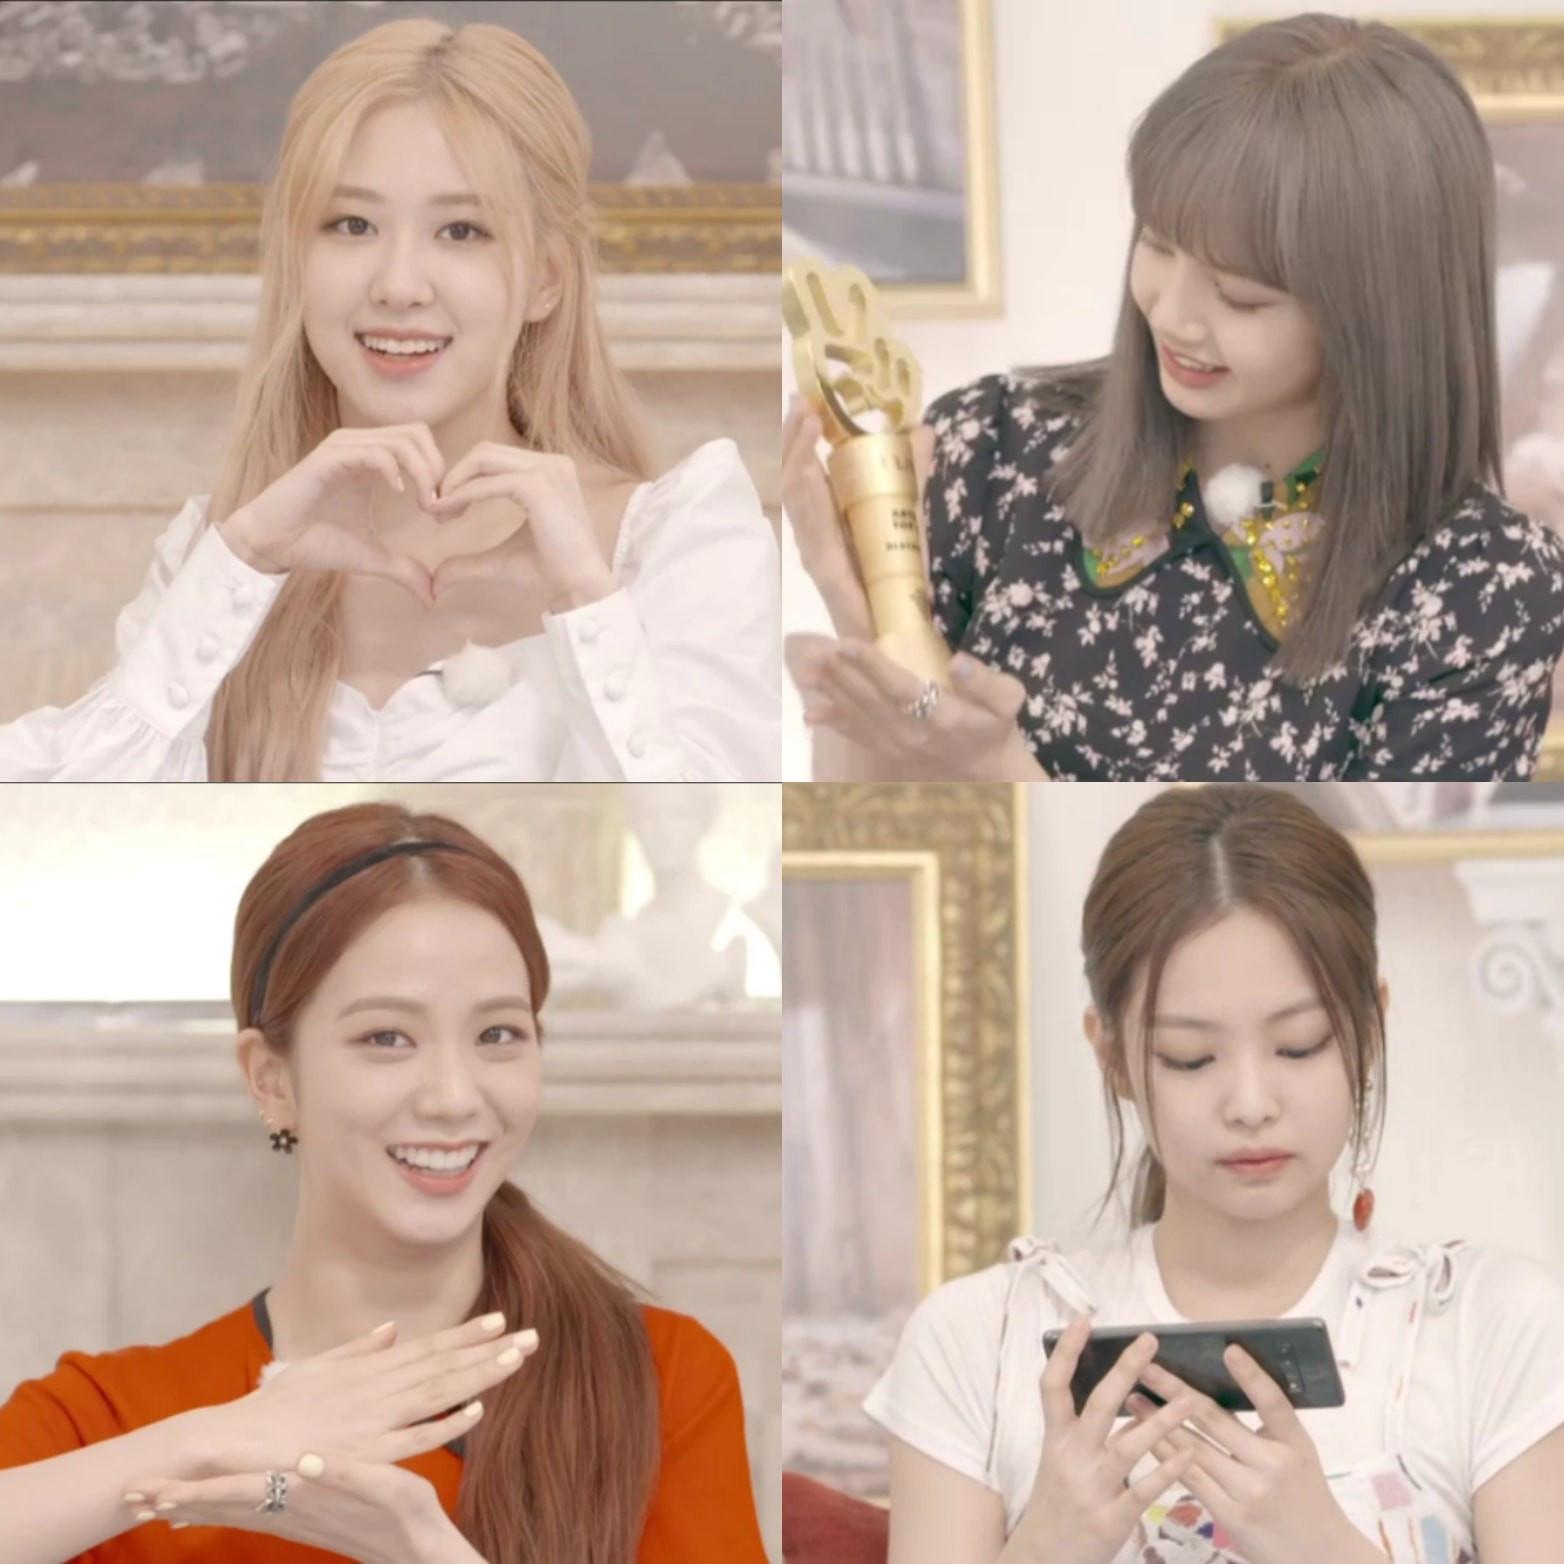 Kiểu makeup lẫn style ăn mặc xuất sắc thế này, dự là Rosé sẽ soán ngôi công chúa YG của Jennie